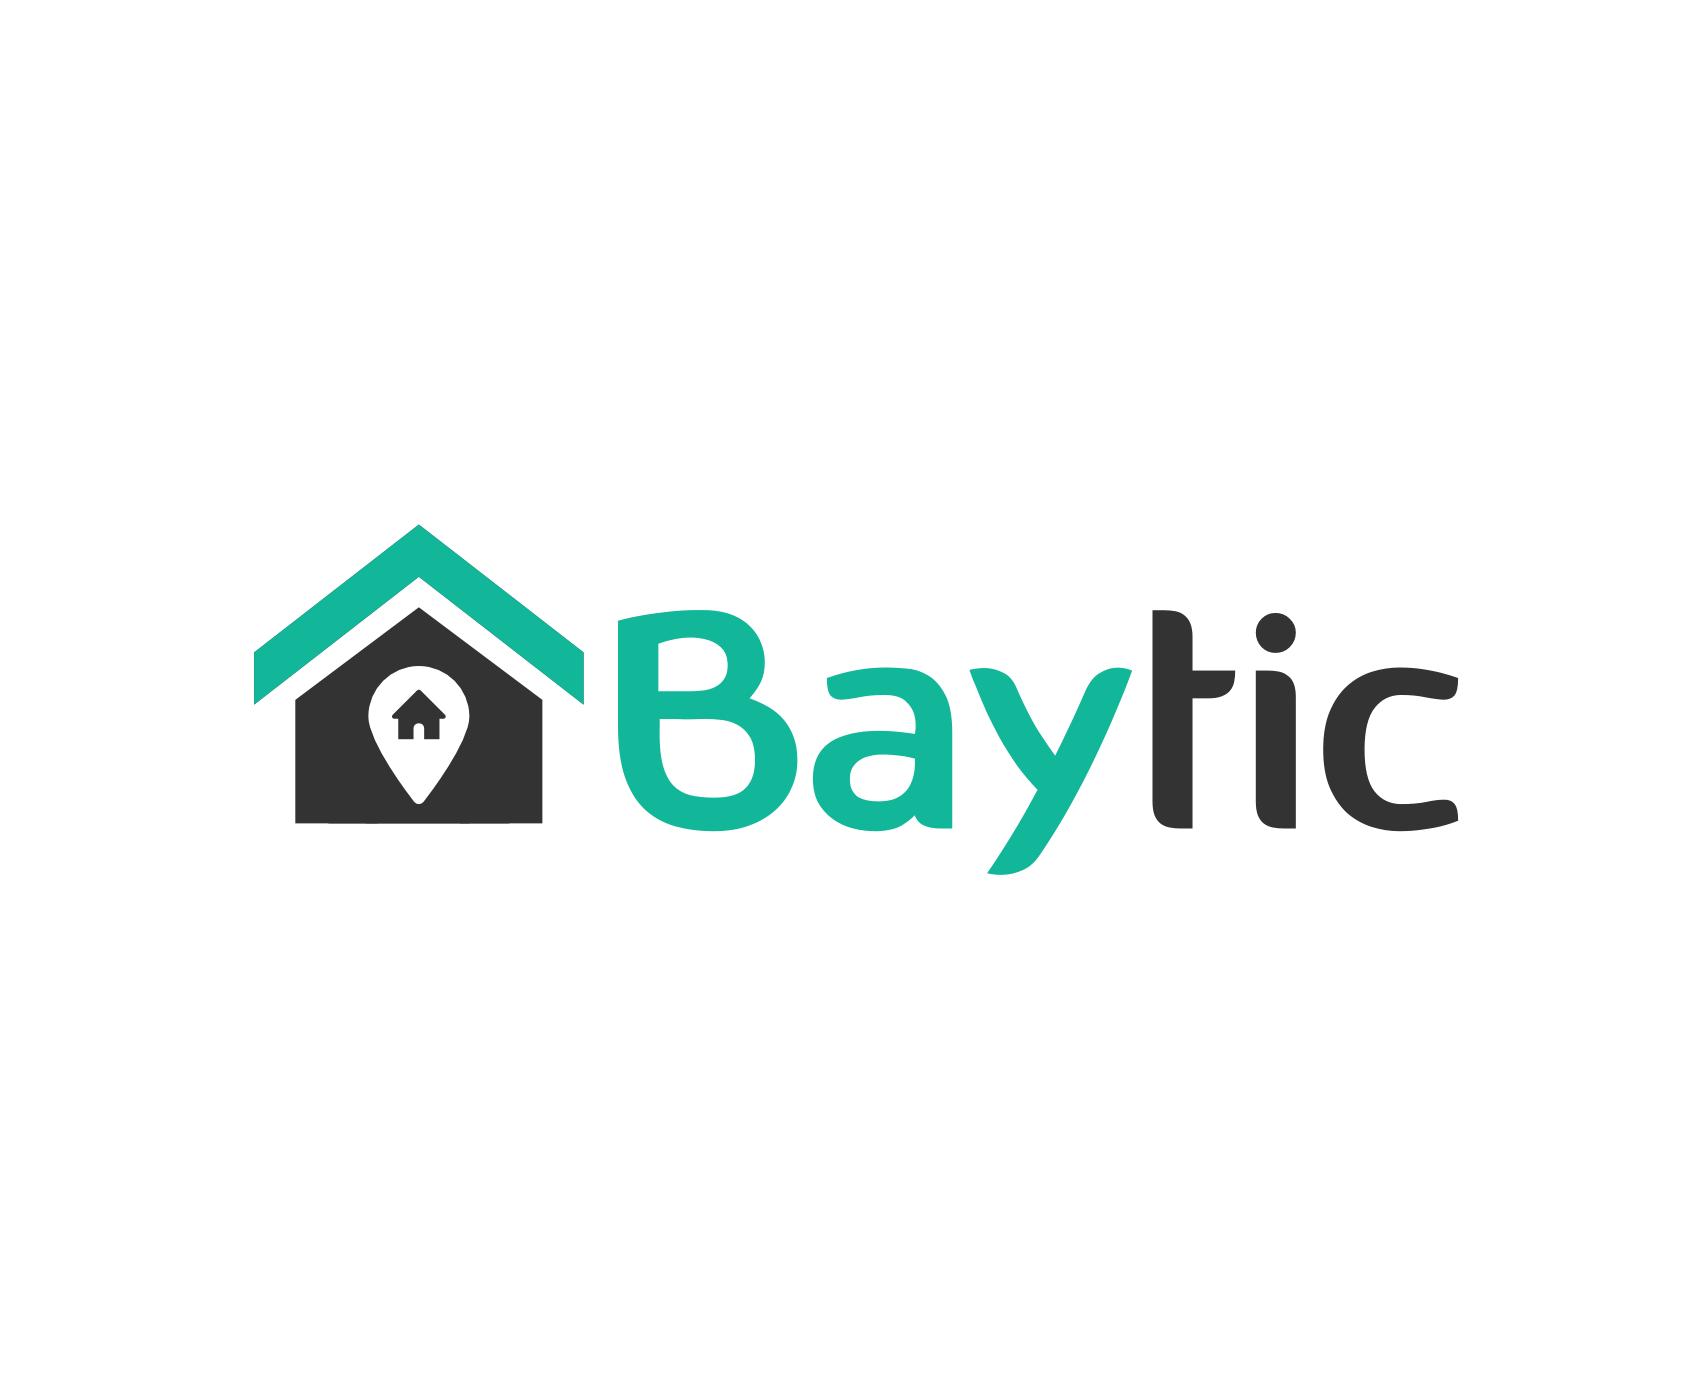 Baytic, nouveau site d'annonces immobilières en Algérie